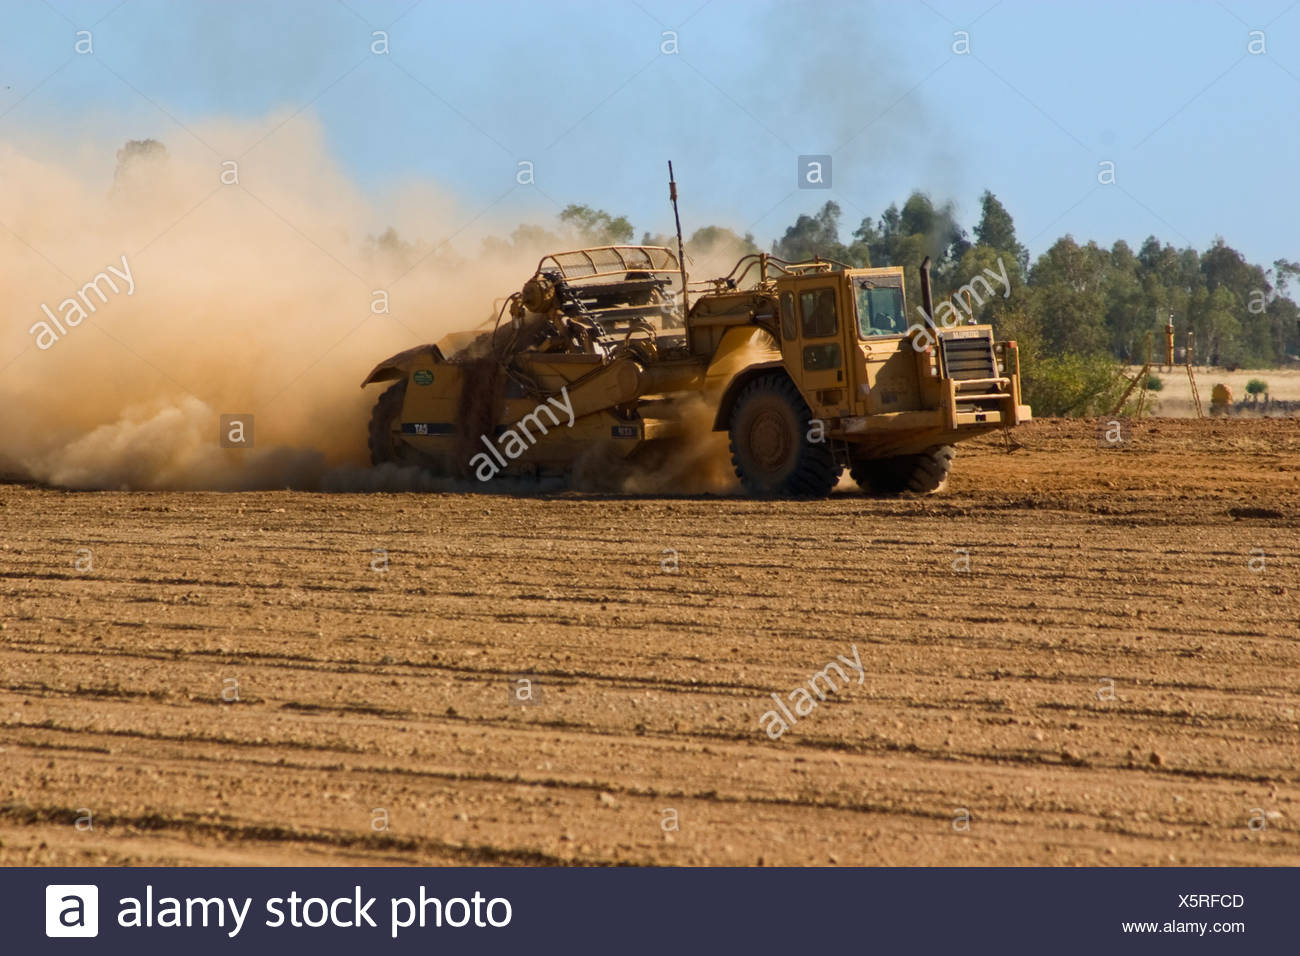 Ein Land-Aufsteiger bereitet ein Feld in der Vorbereitung für die Pflanzung eines neuen Mandel Obstgarten / Nord-Kalifornien, USA. Stockbild